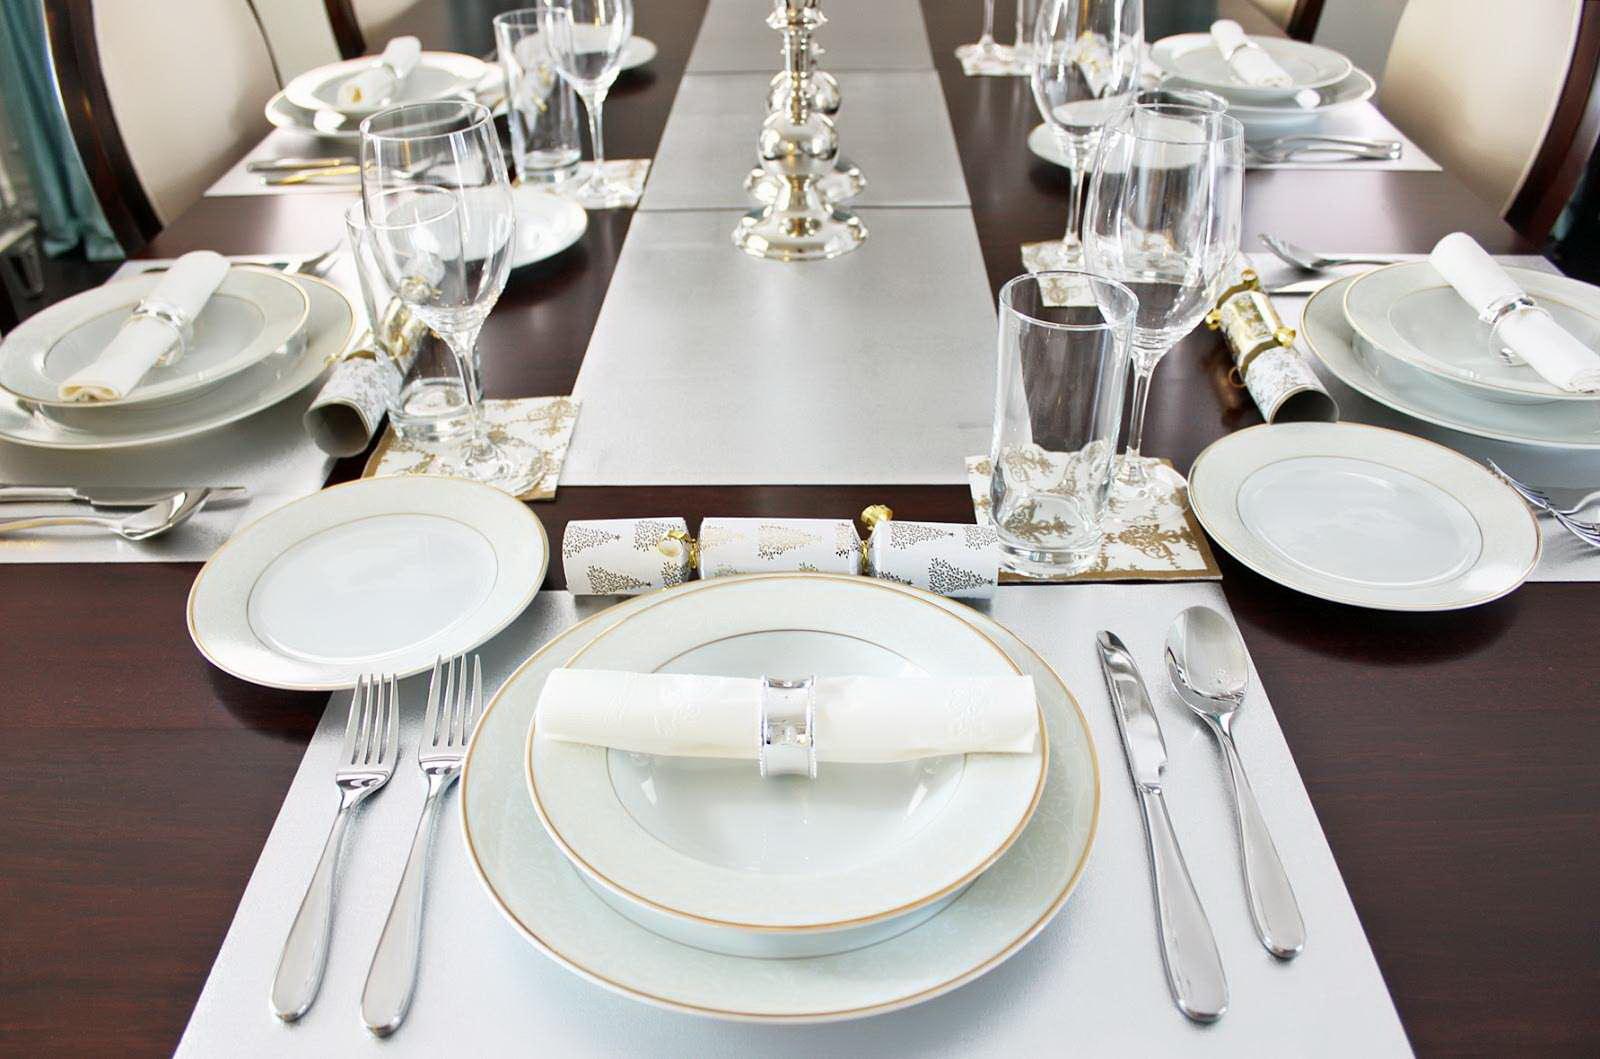 Белые салфетки под тарелки